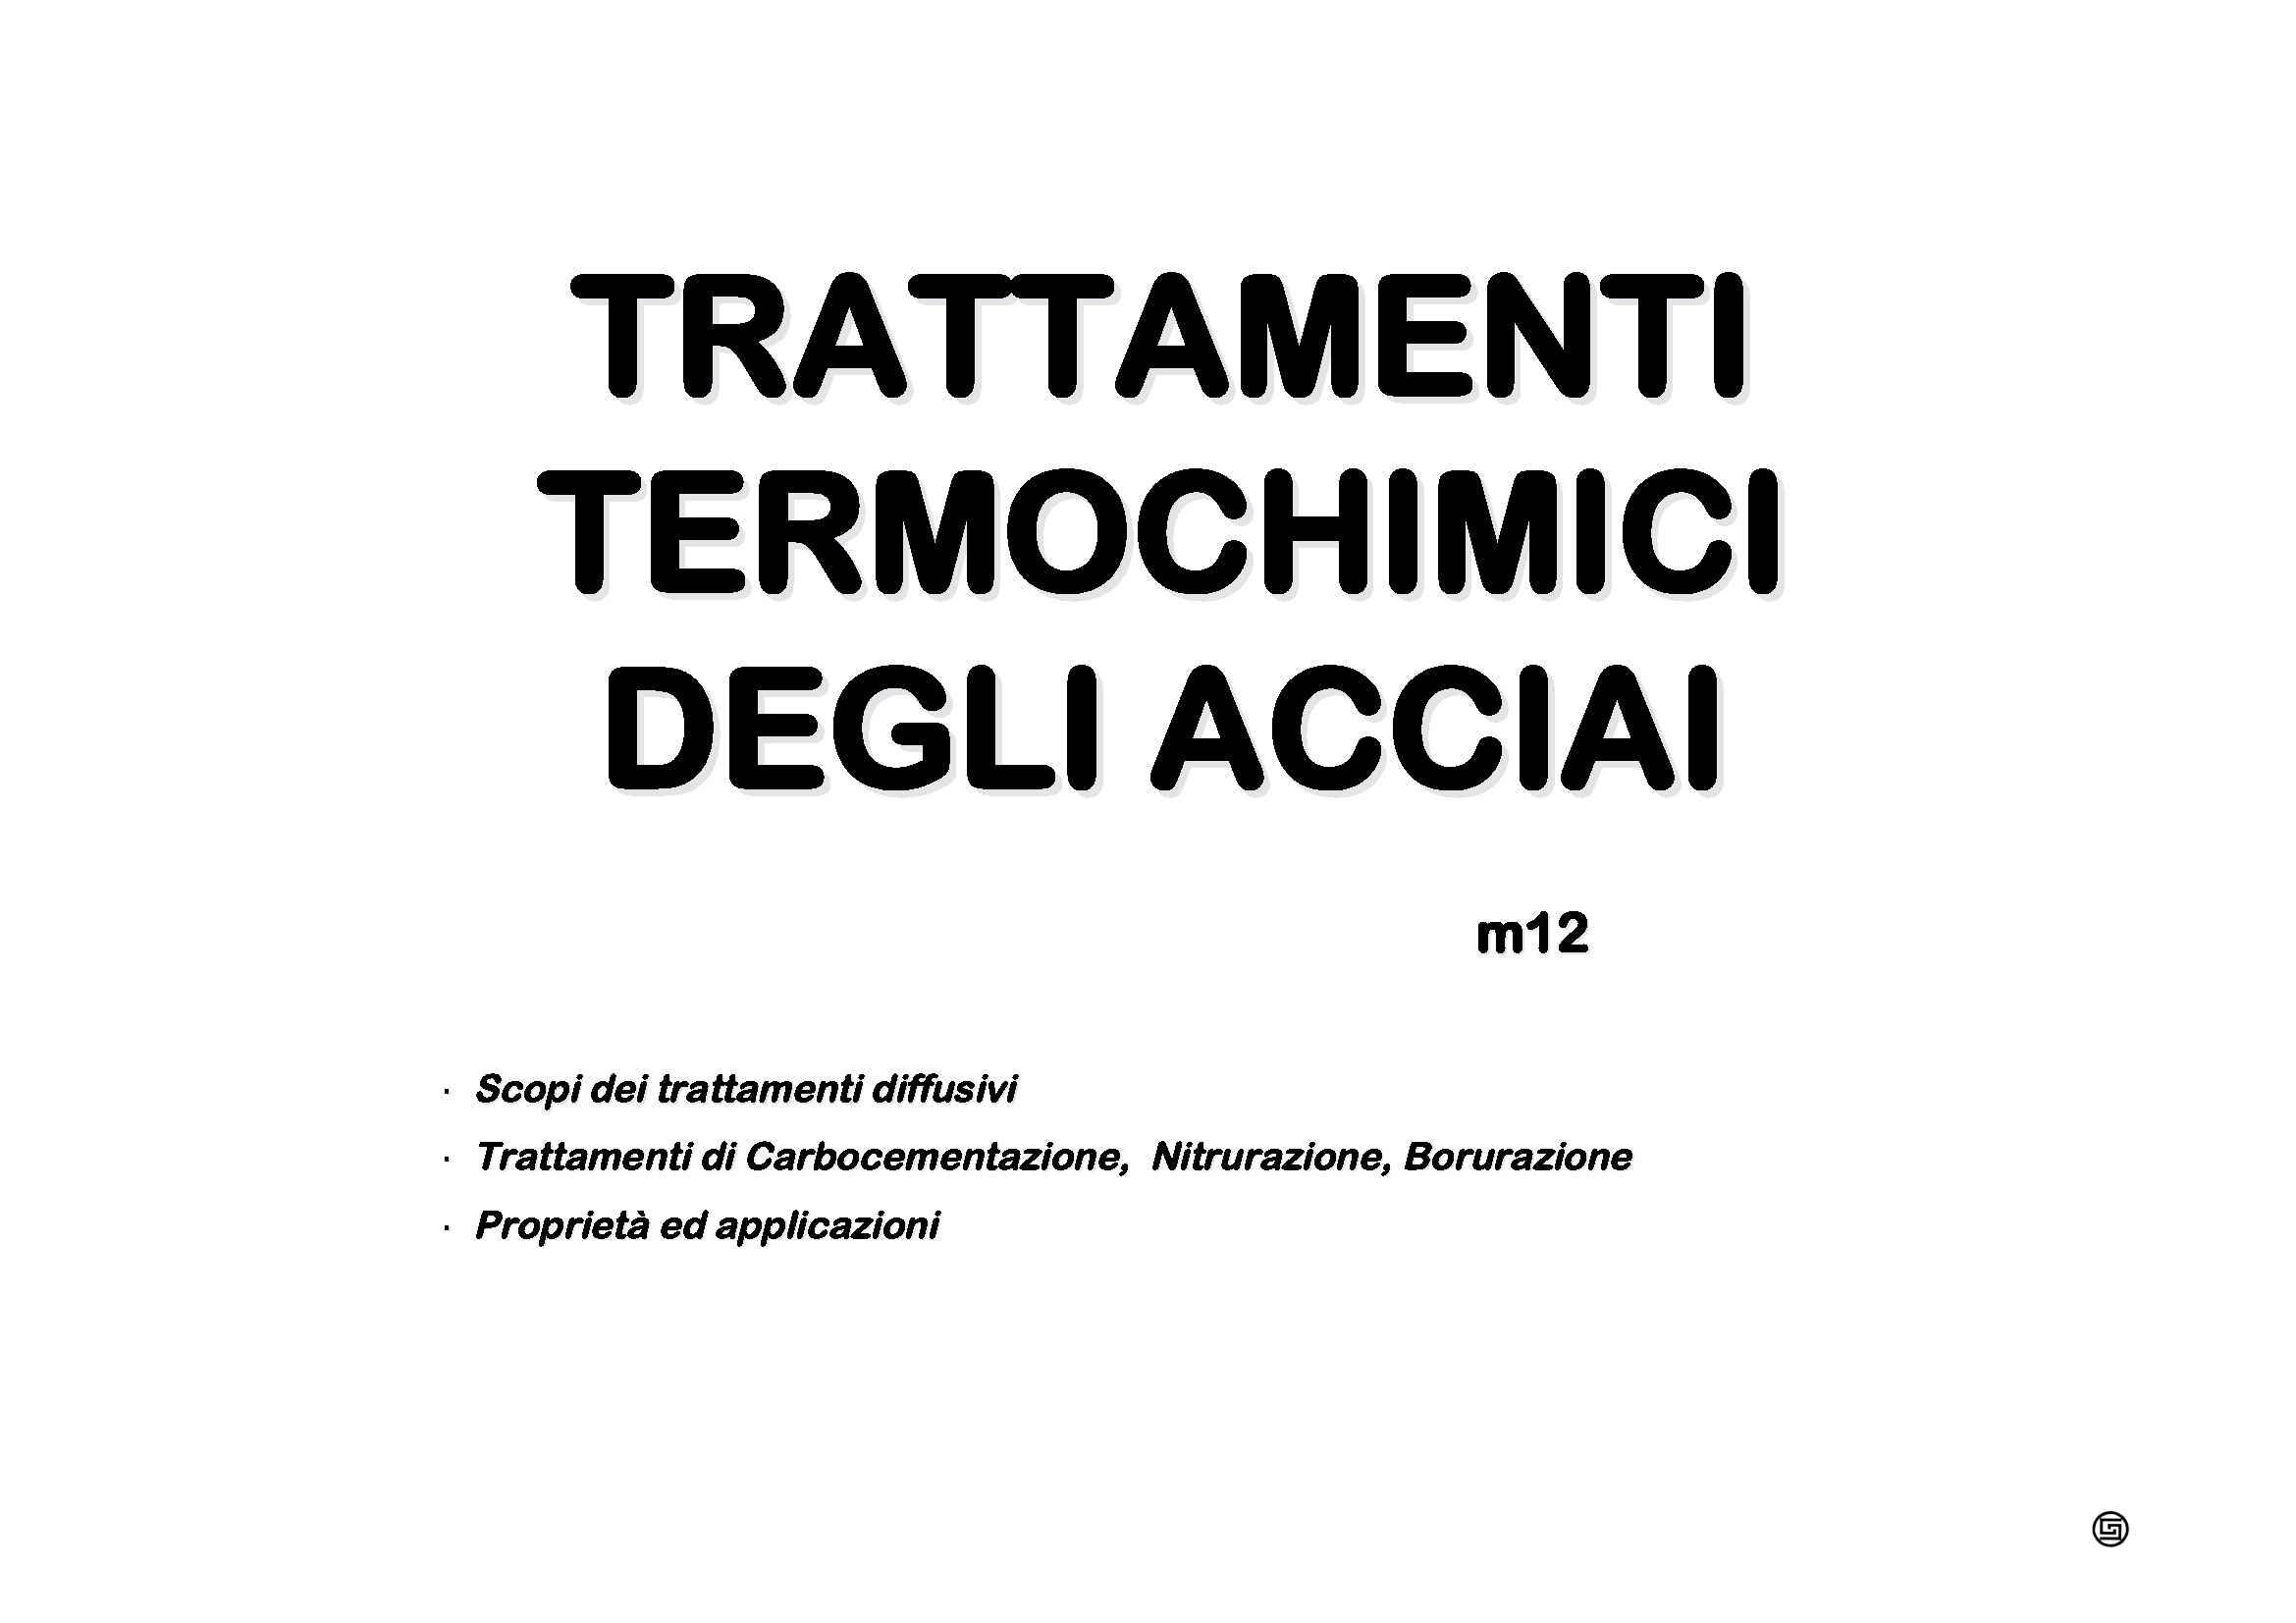 Acciai - Trattamenti termochimici